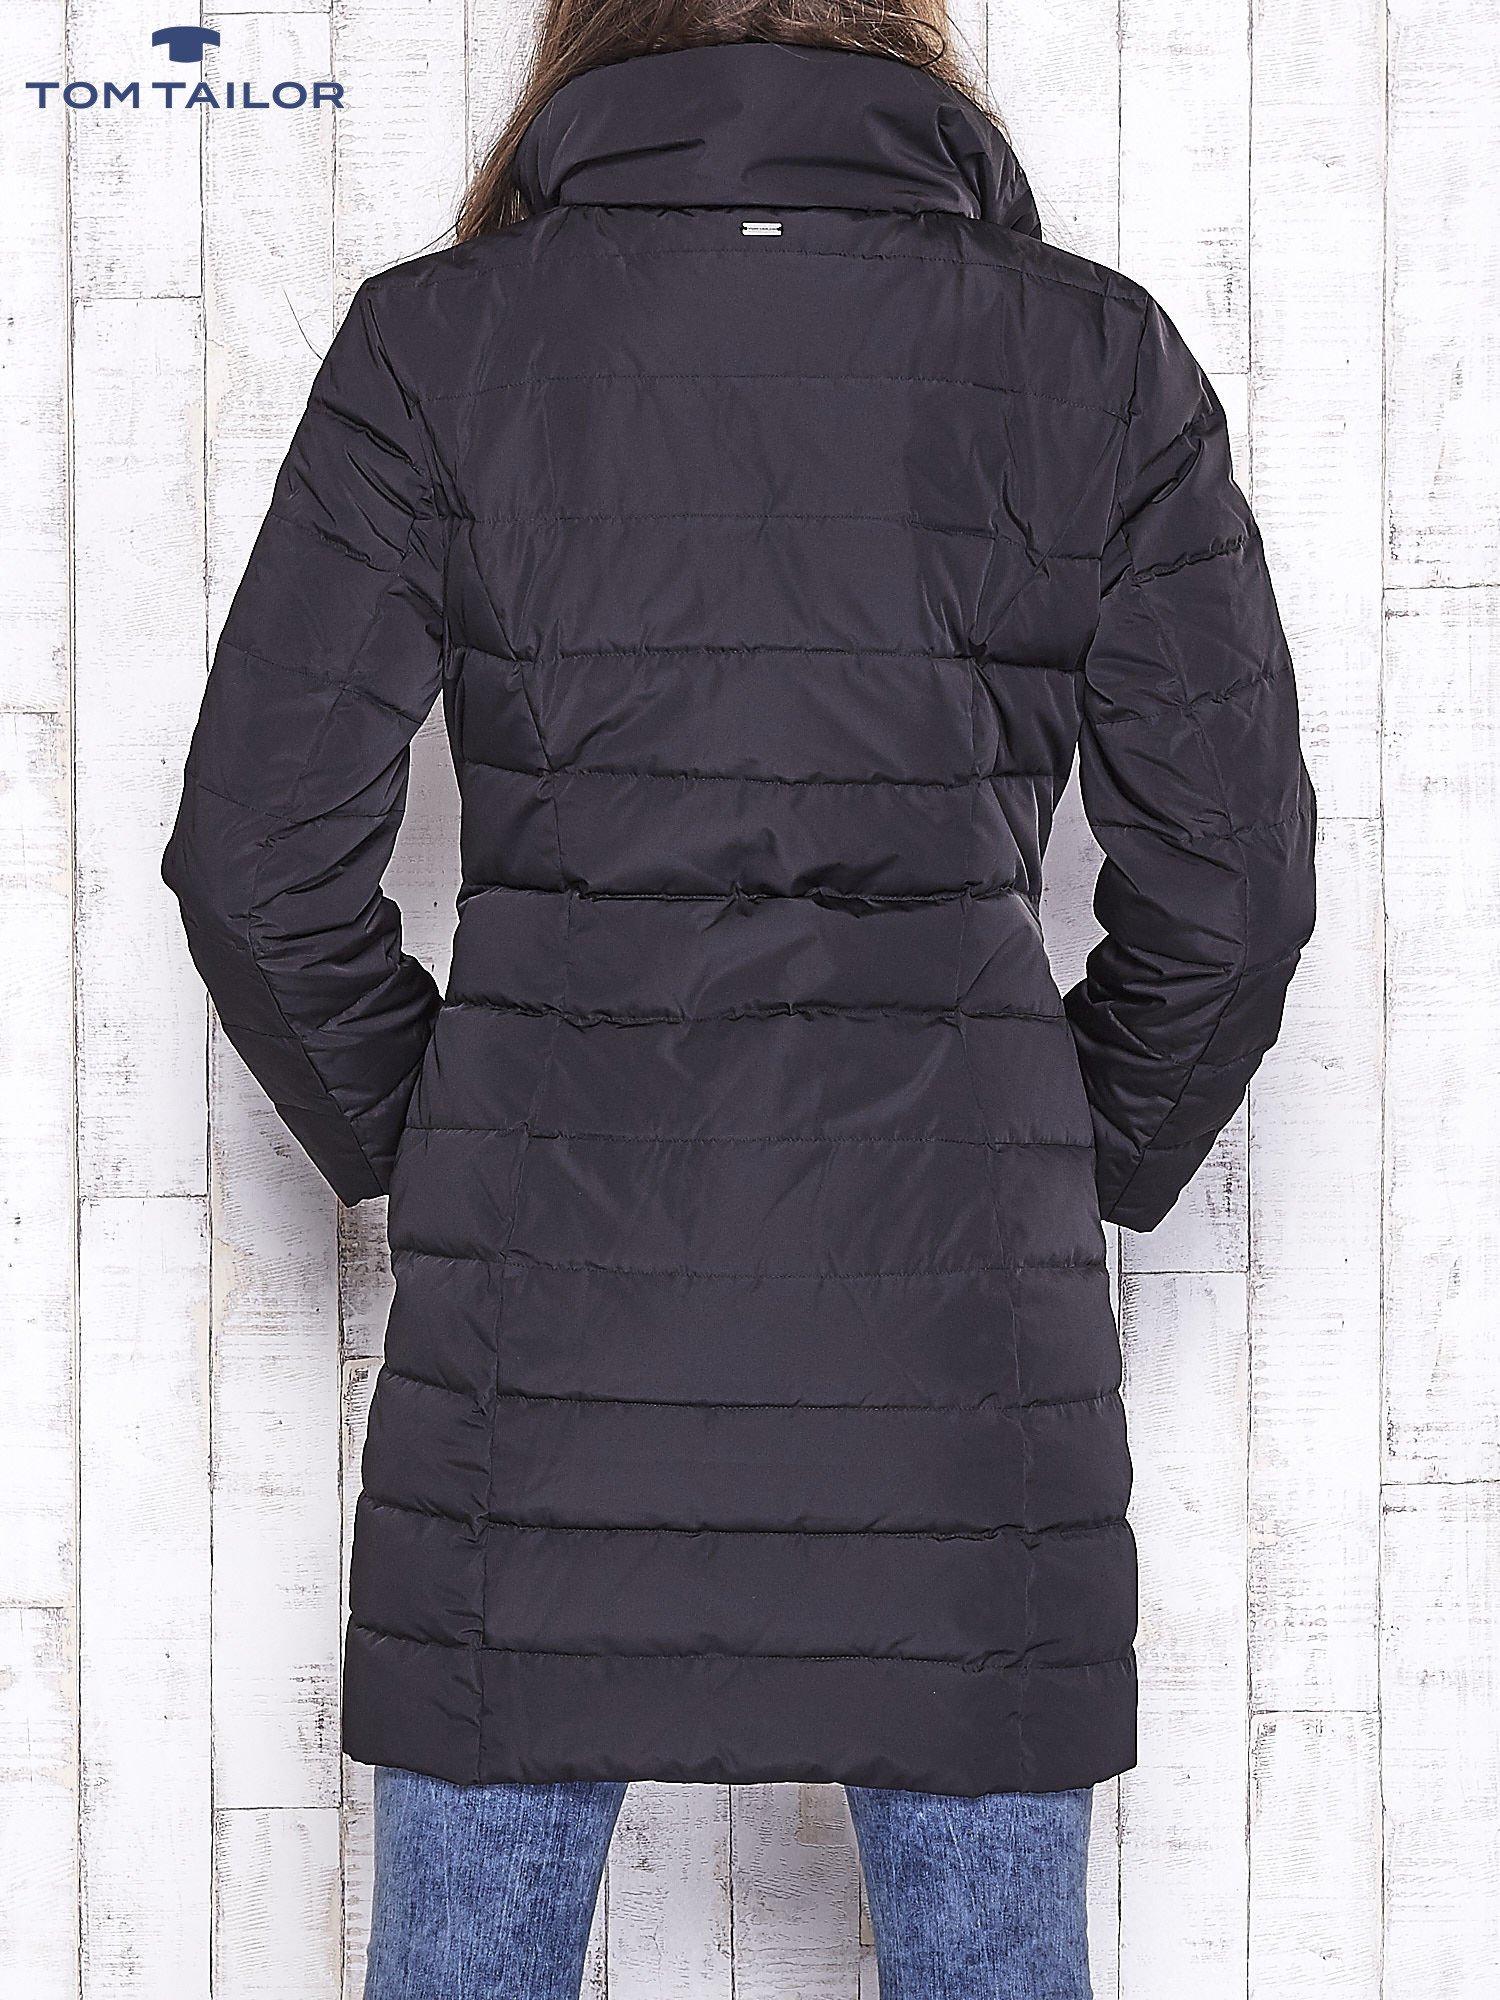 TOM TAILOR Czarny płaszcz z wełnianym wykończeniem                                  zdj.                                  2